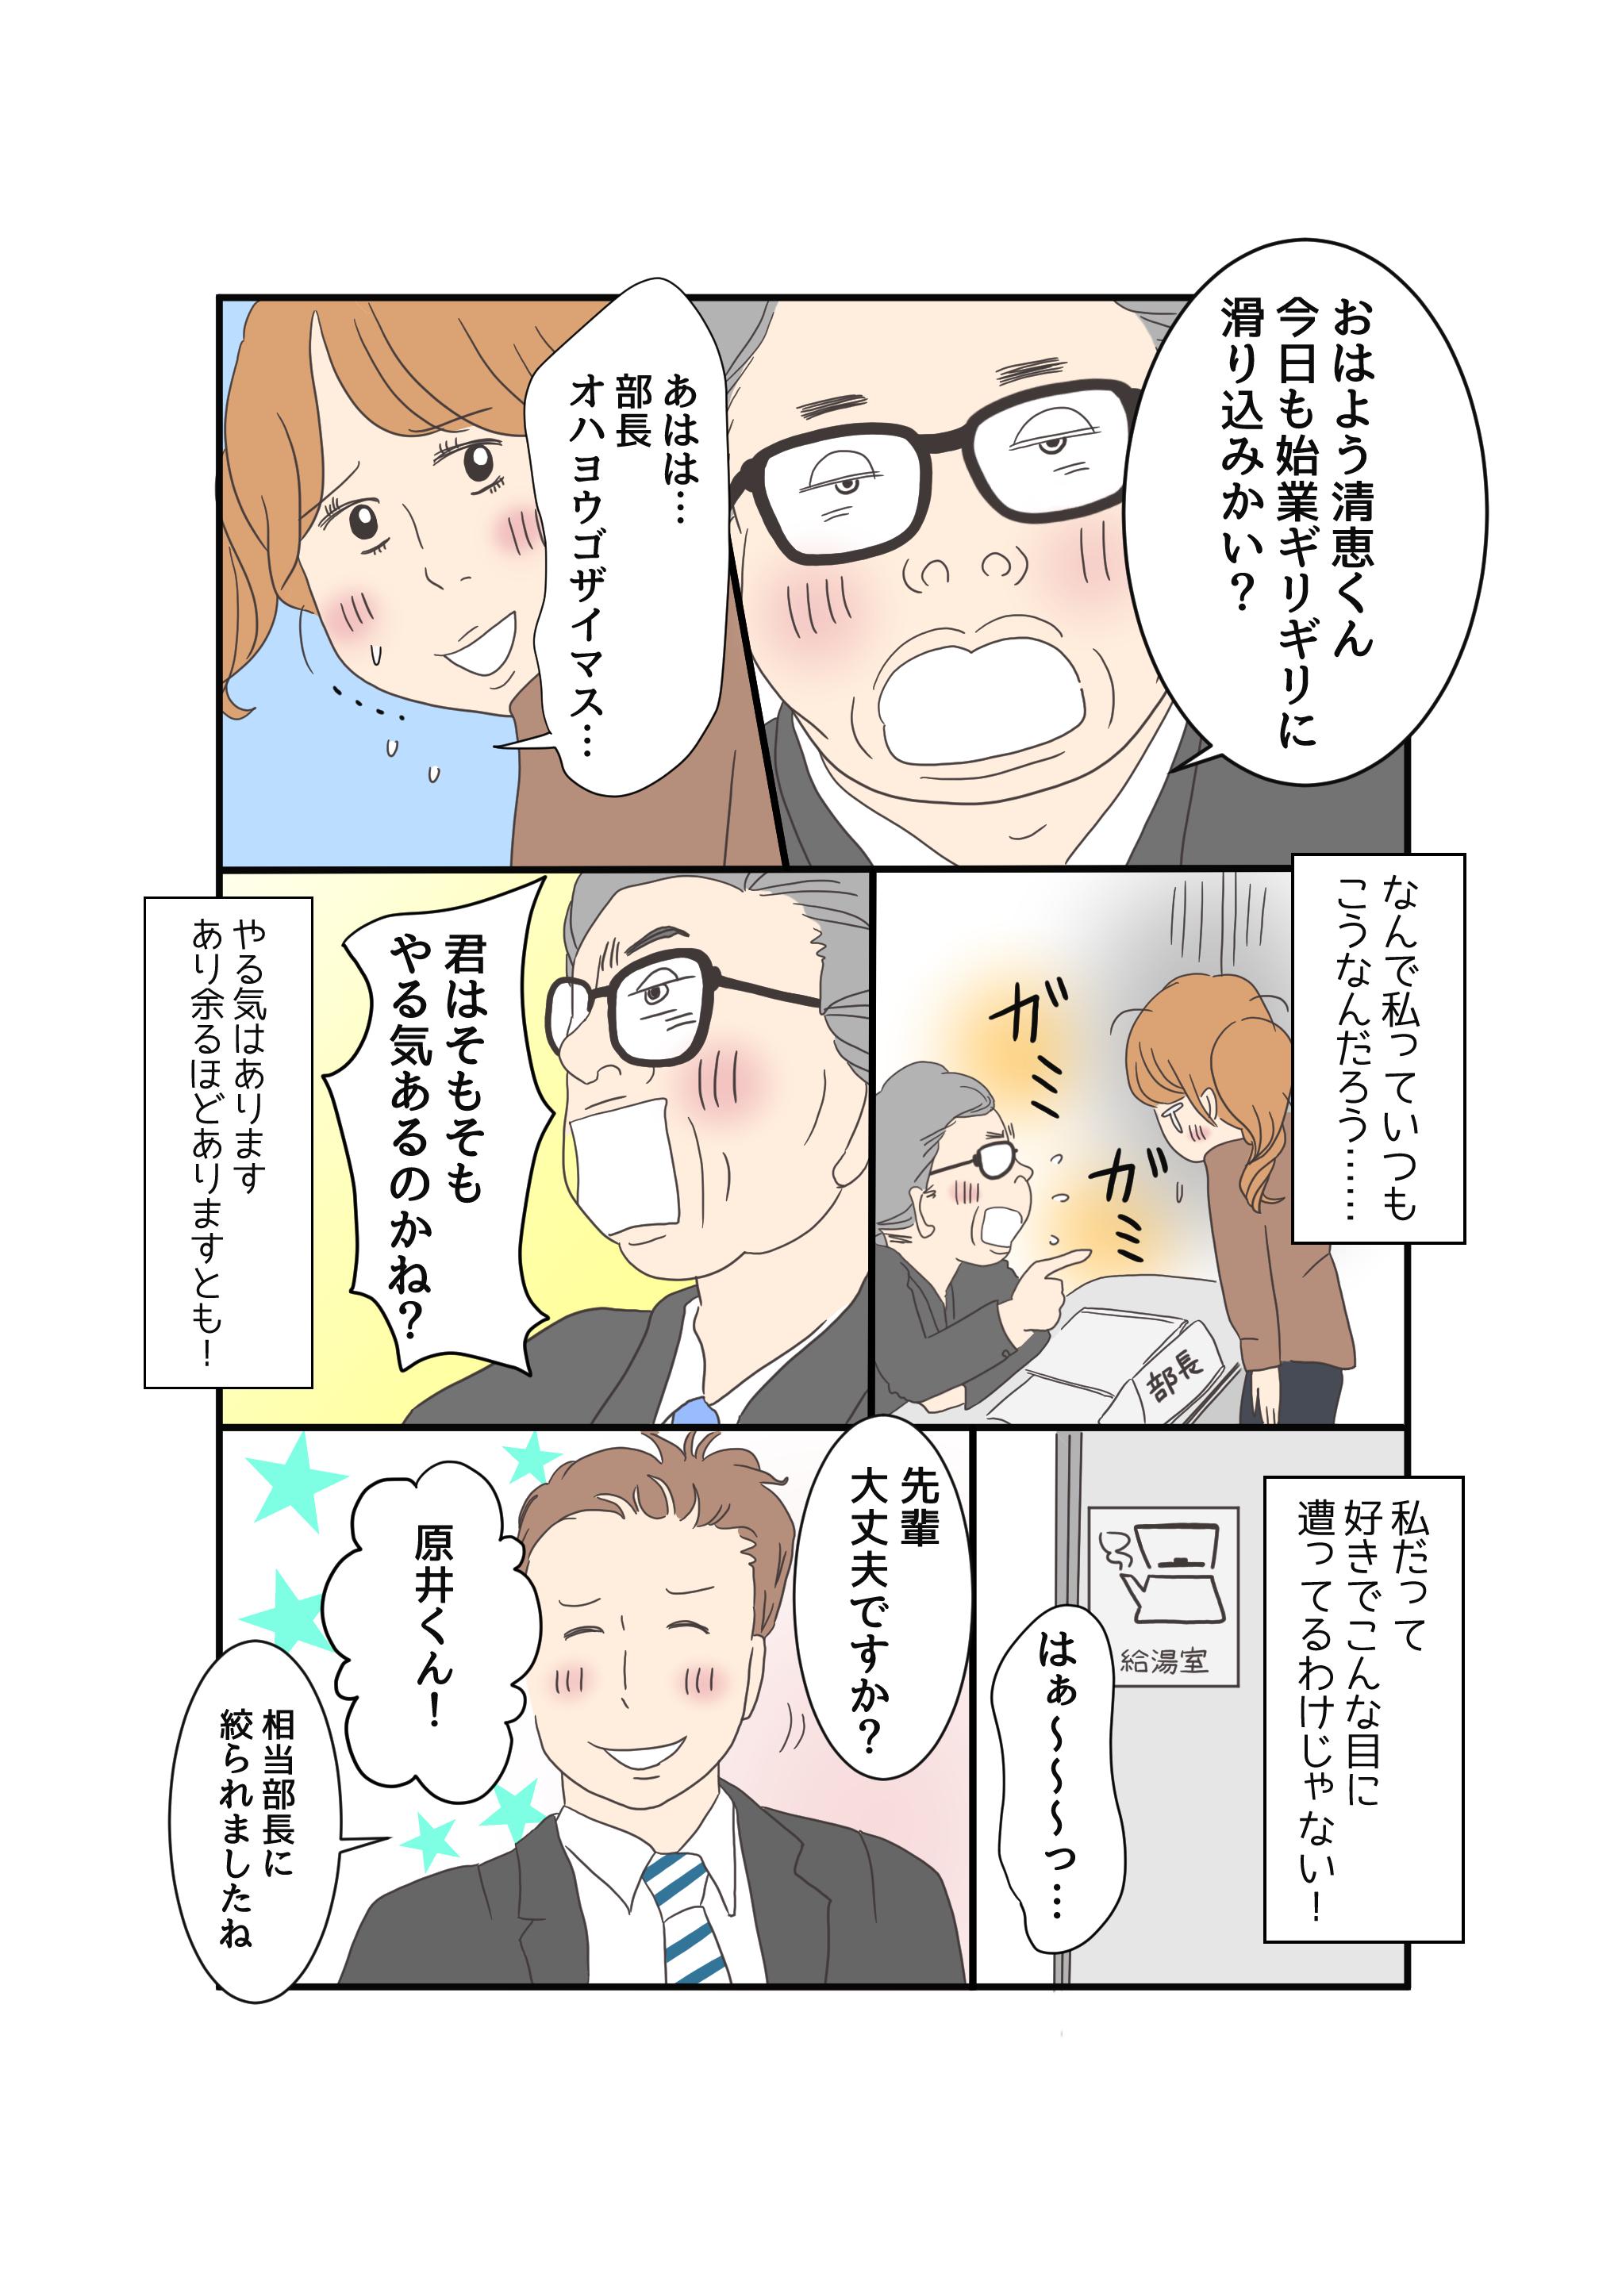 永岡書店「ほんとうのお清め」